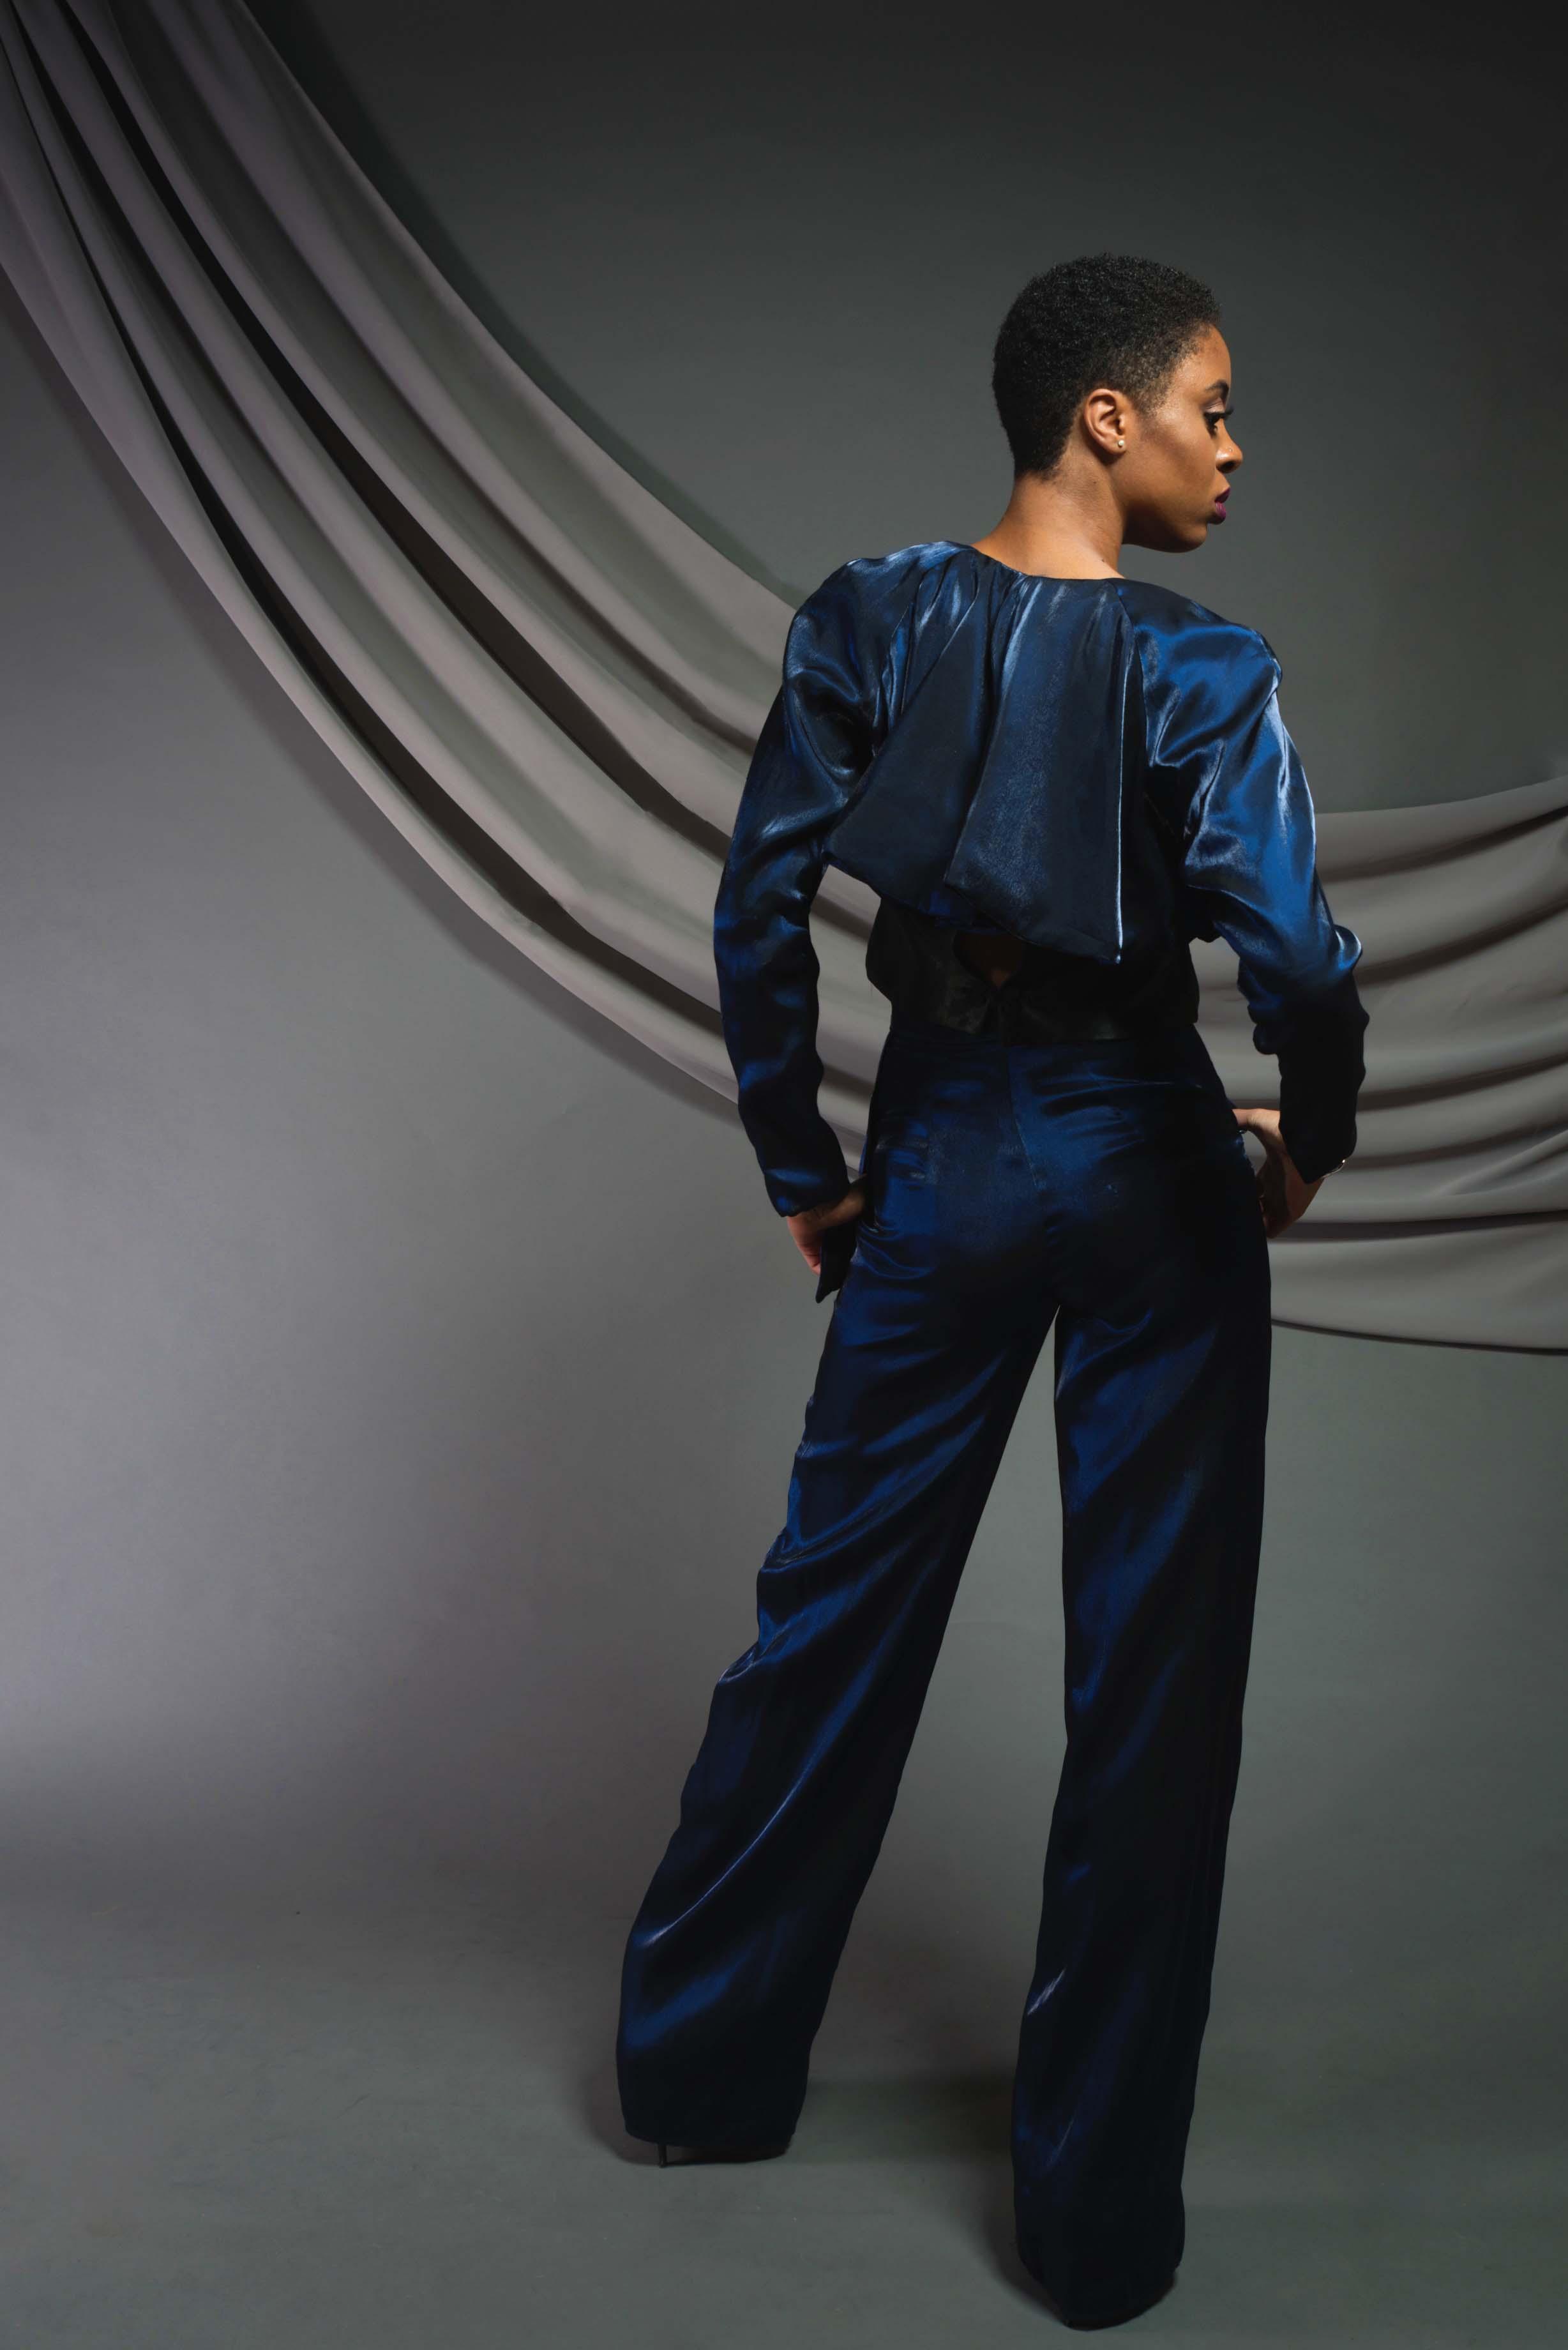 blue-suit-lb-full-back.jpg